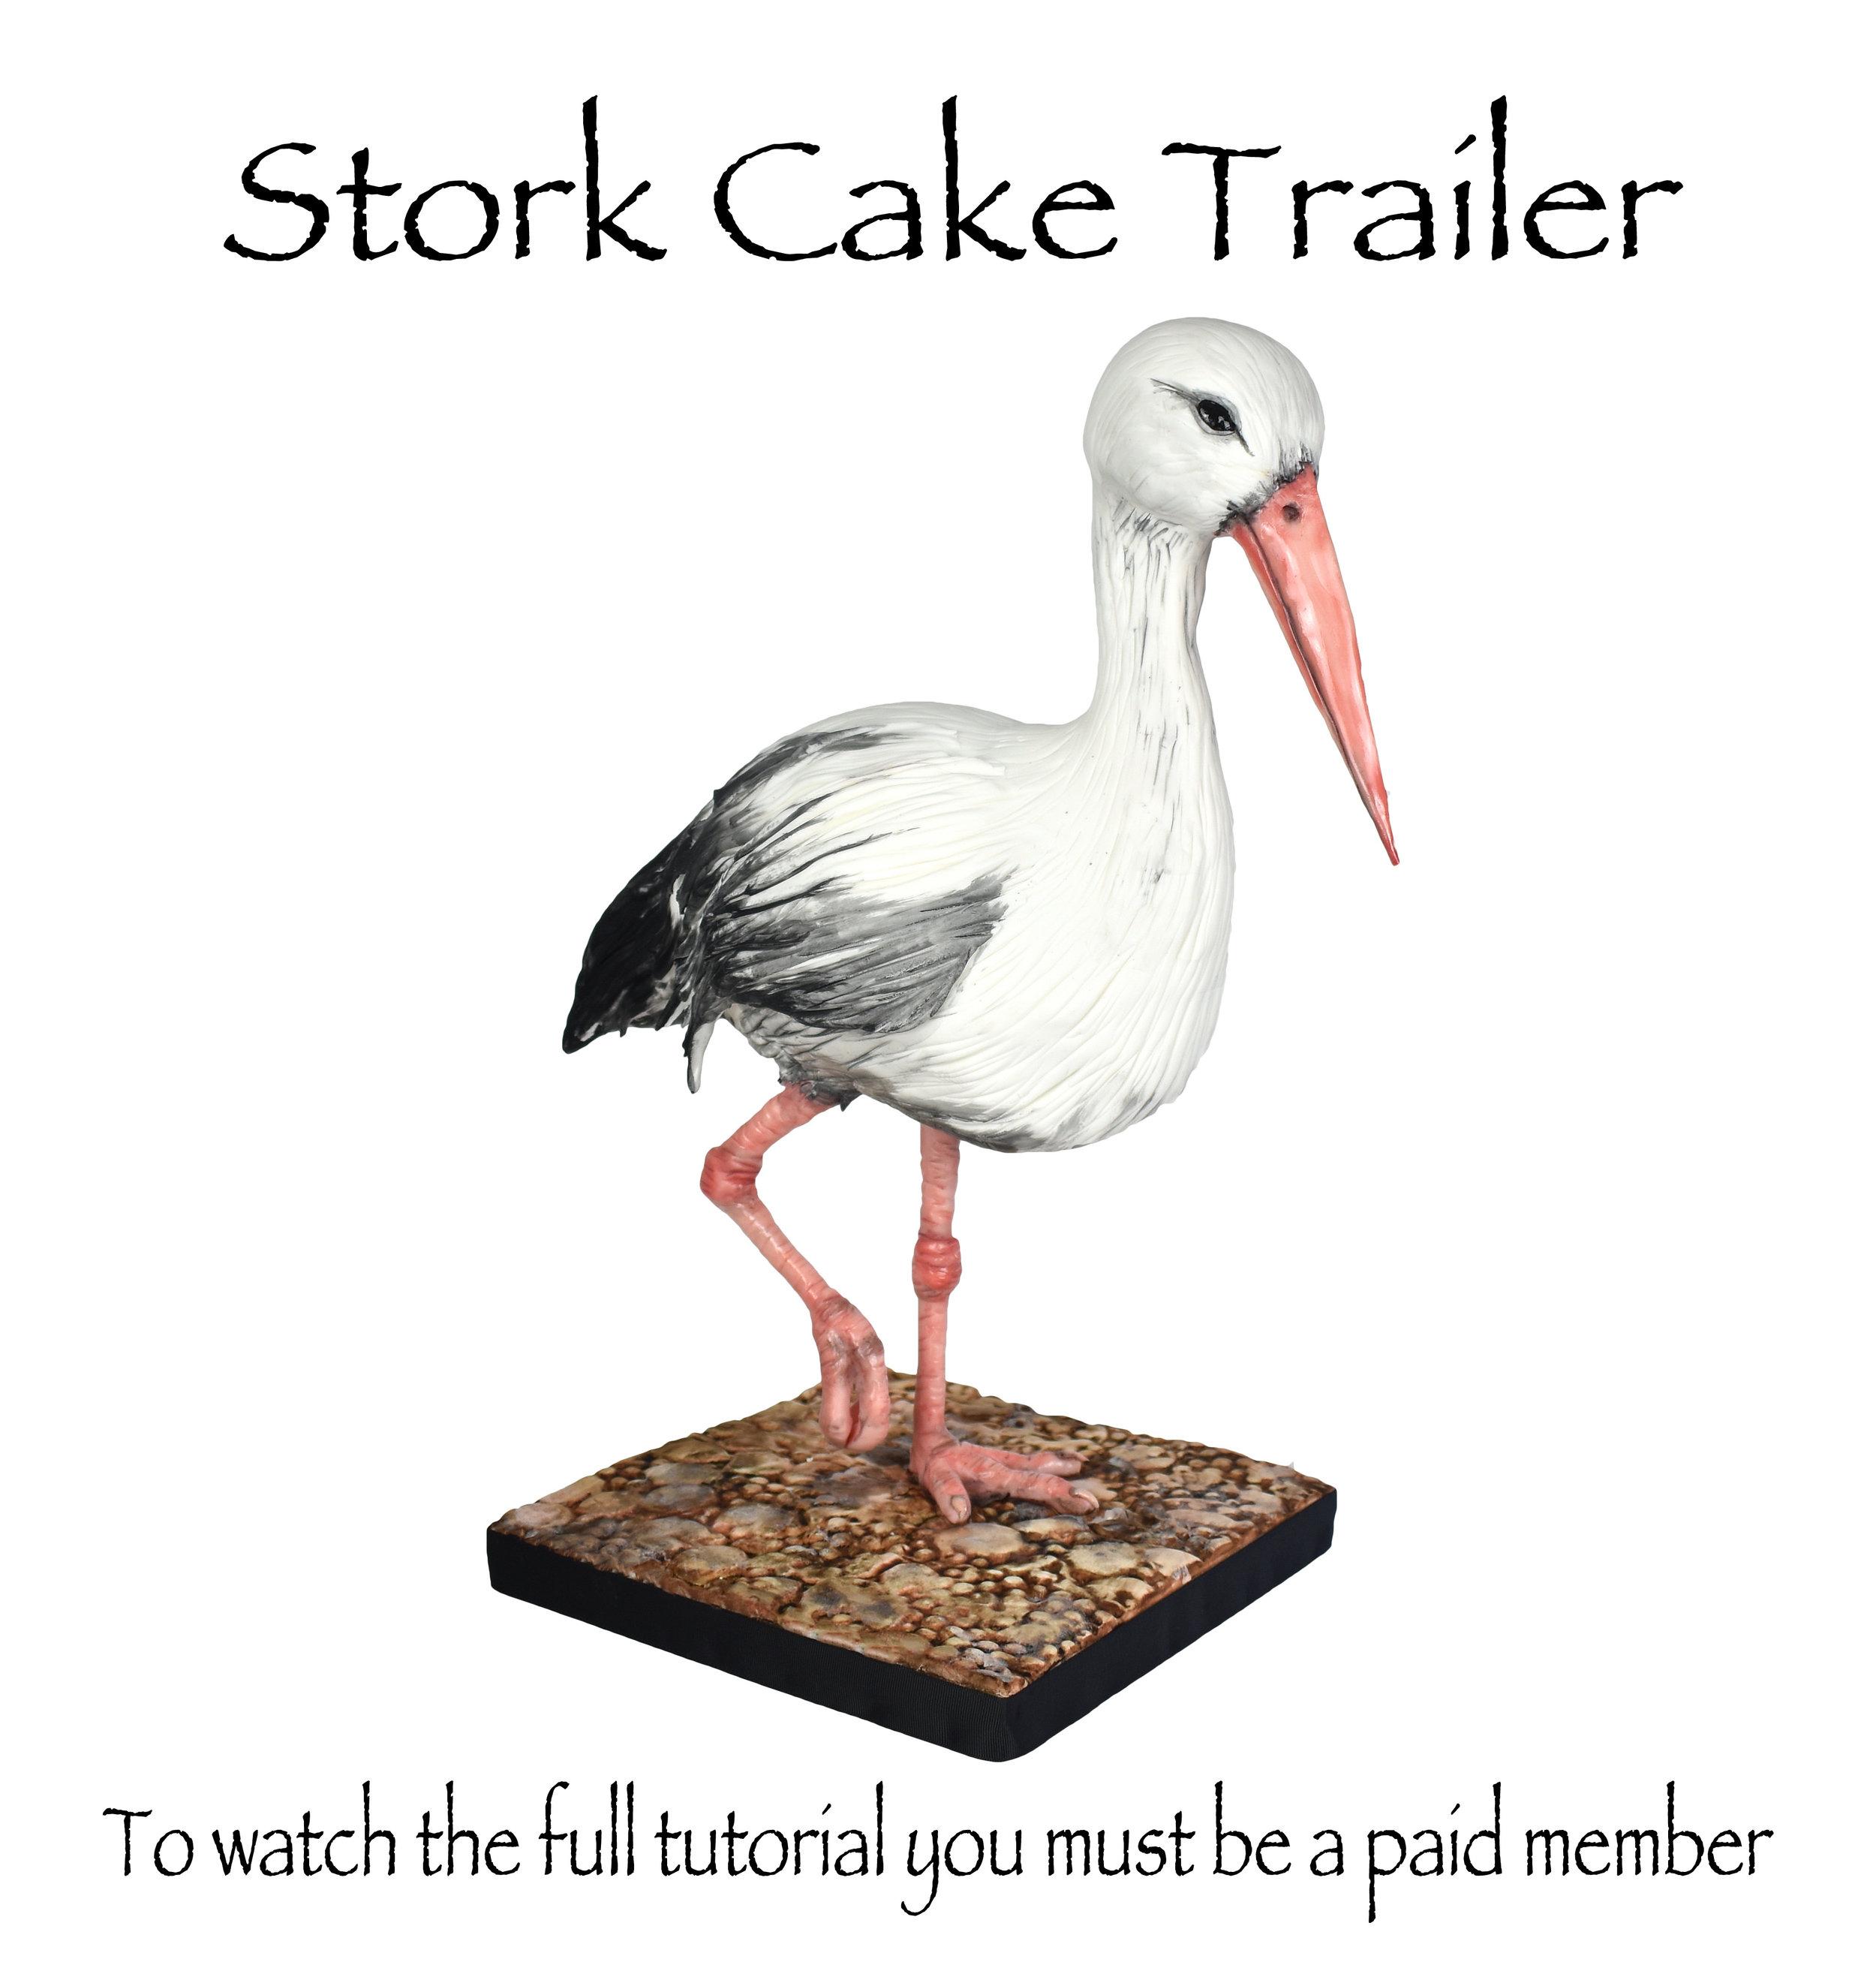 stork promo.jpg